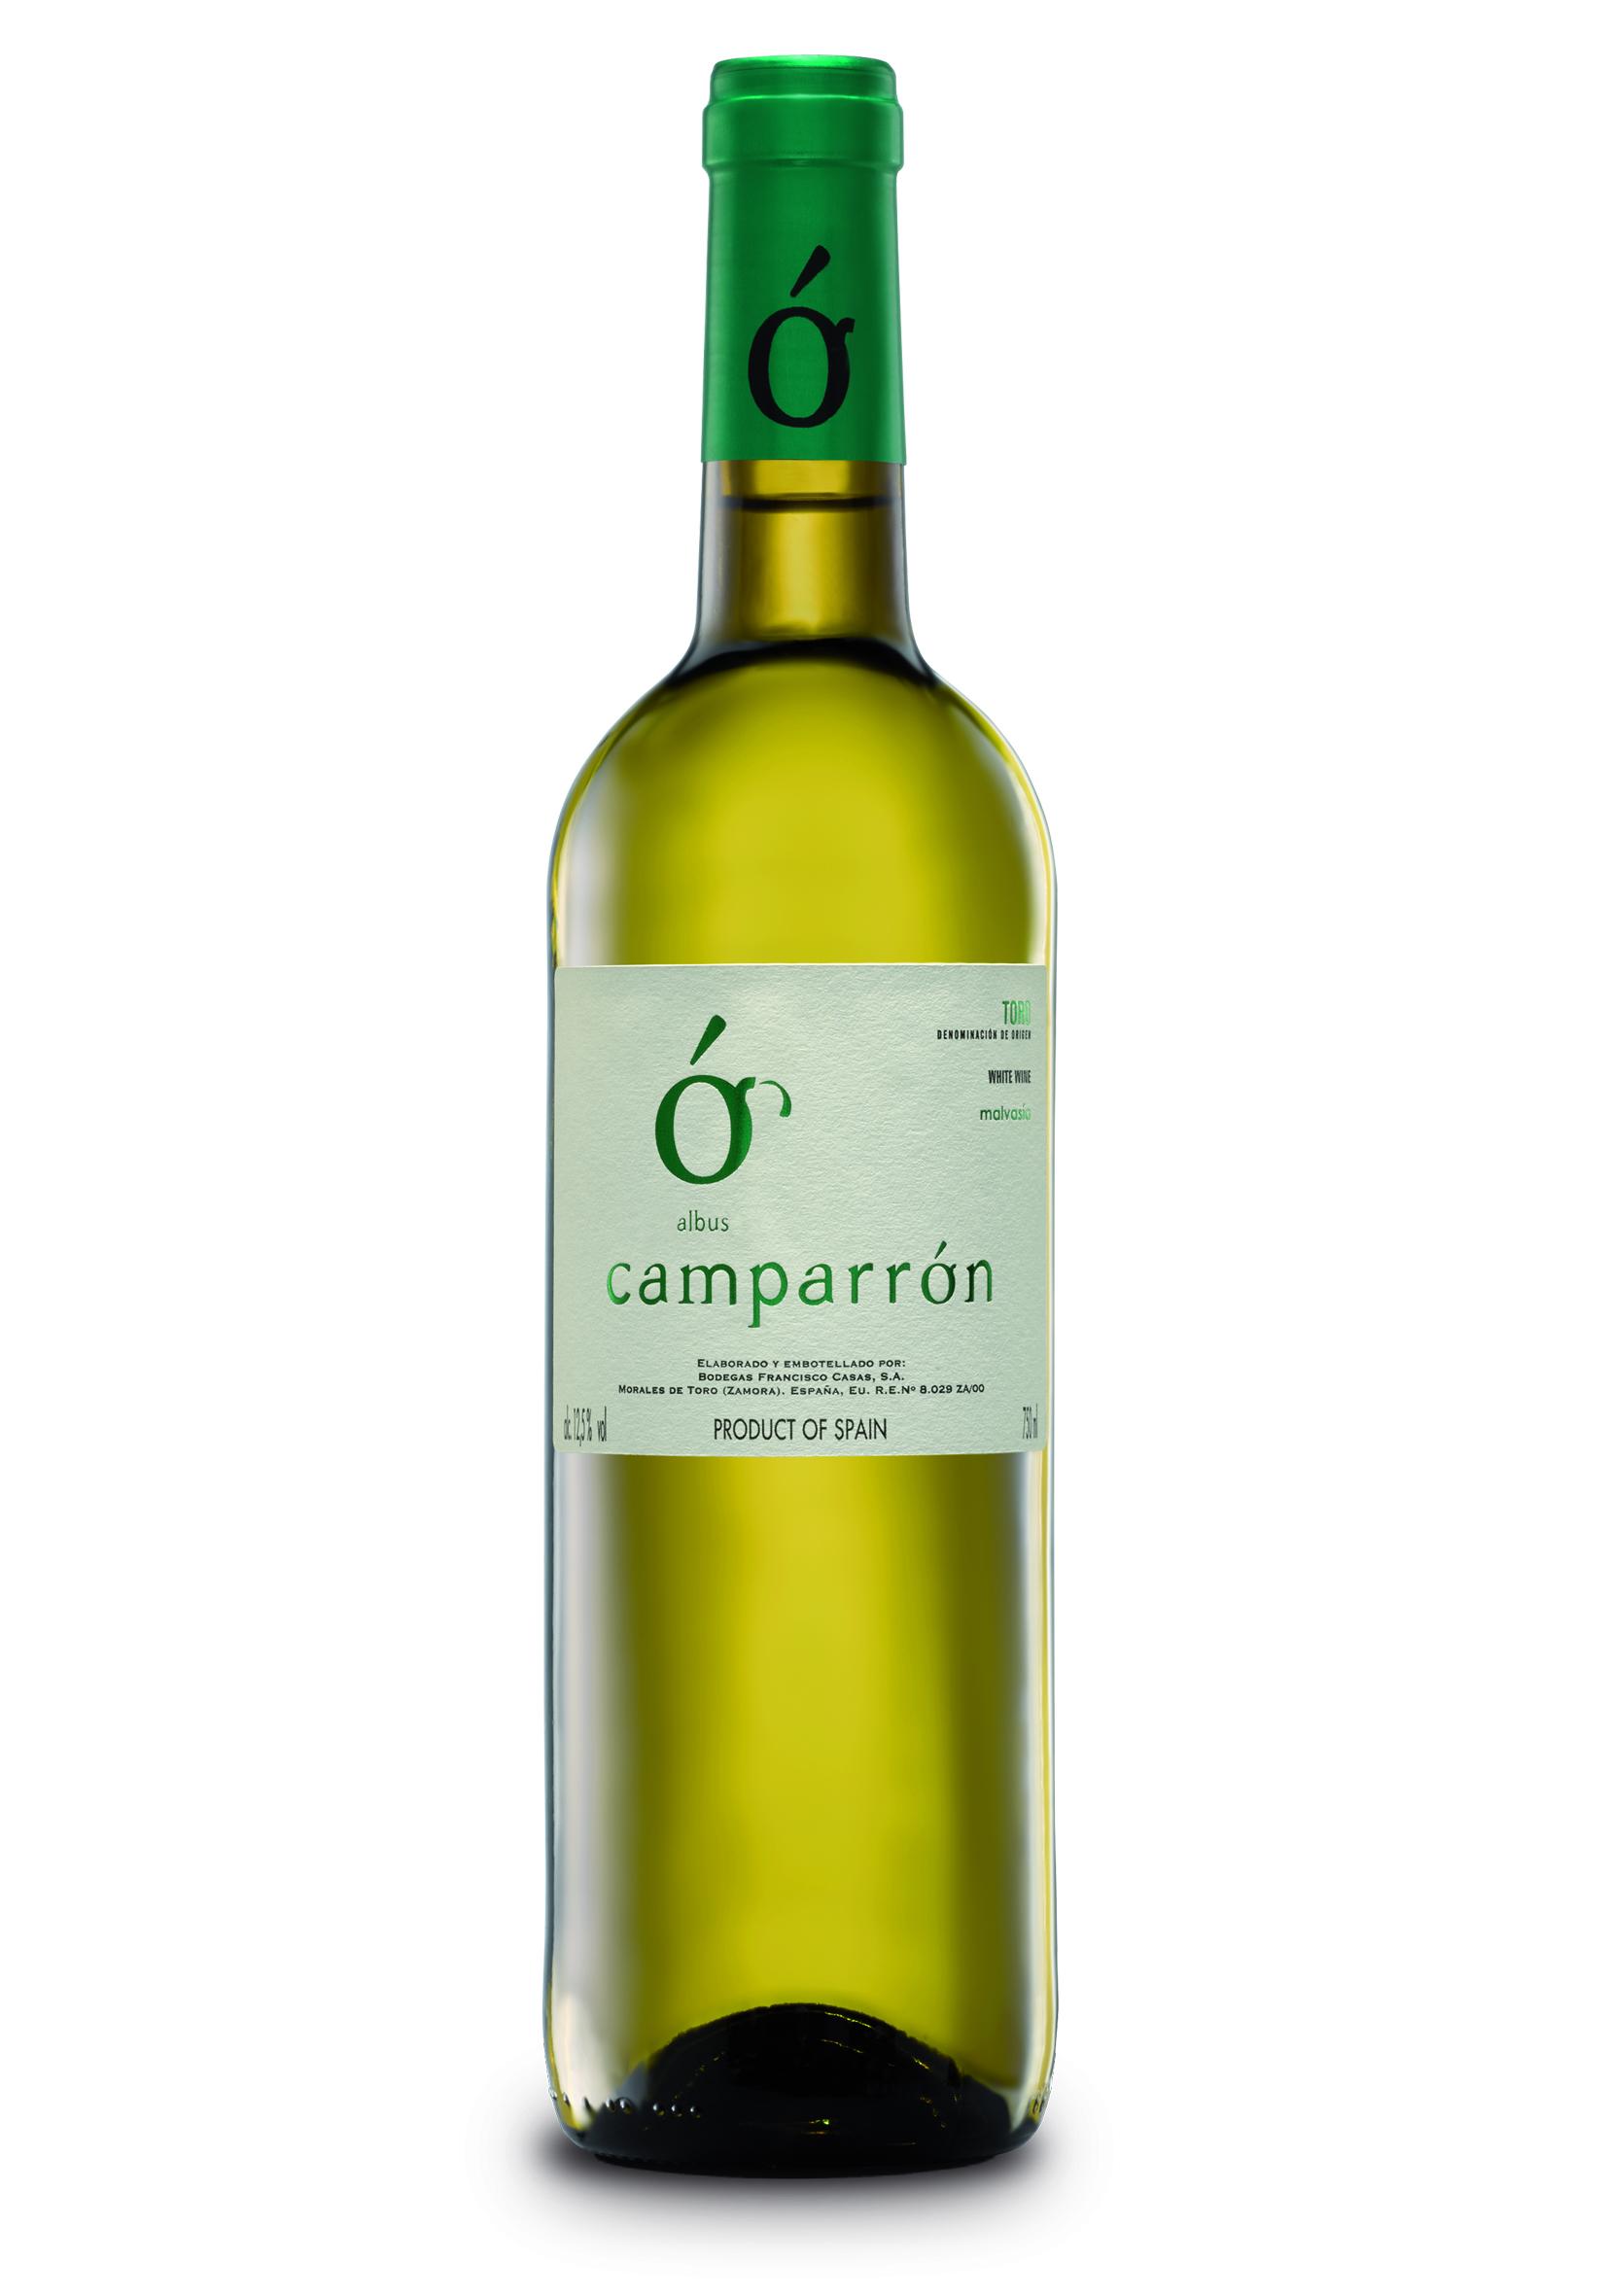 Vino blanco Camparrón. Bodegas Francisco Casas. D.O. Toro